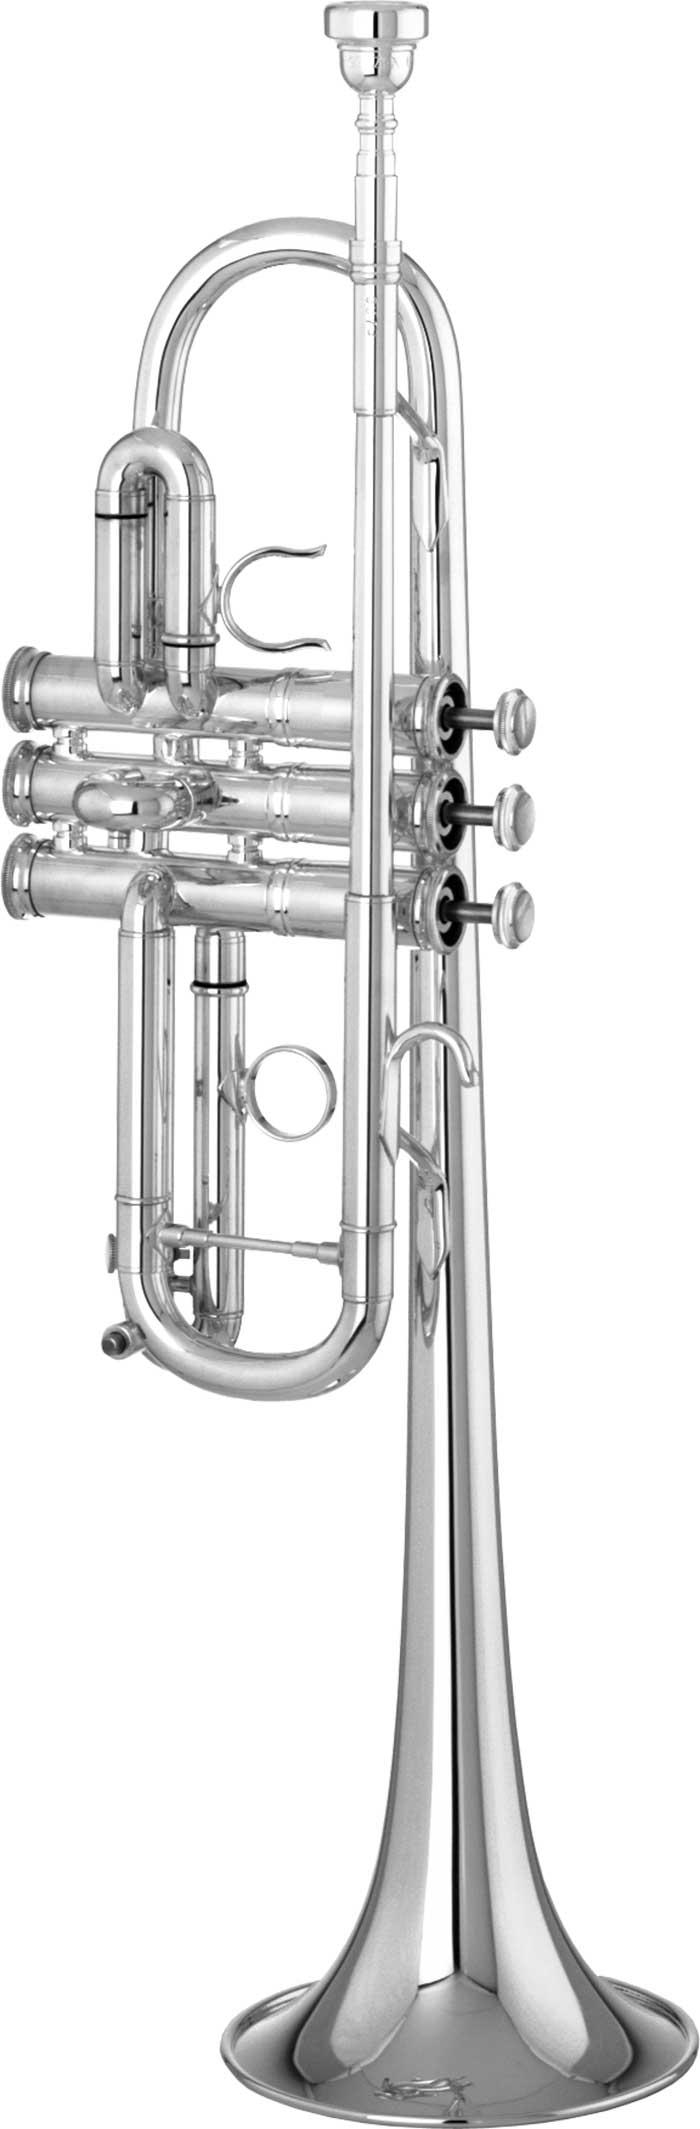 3070 C Trumpet